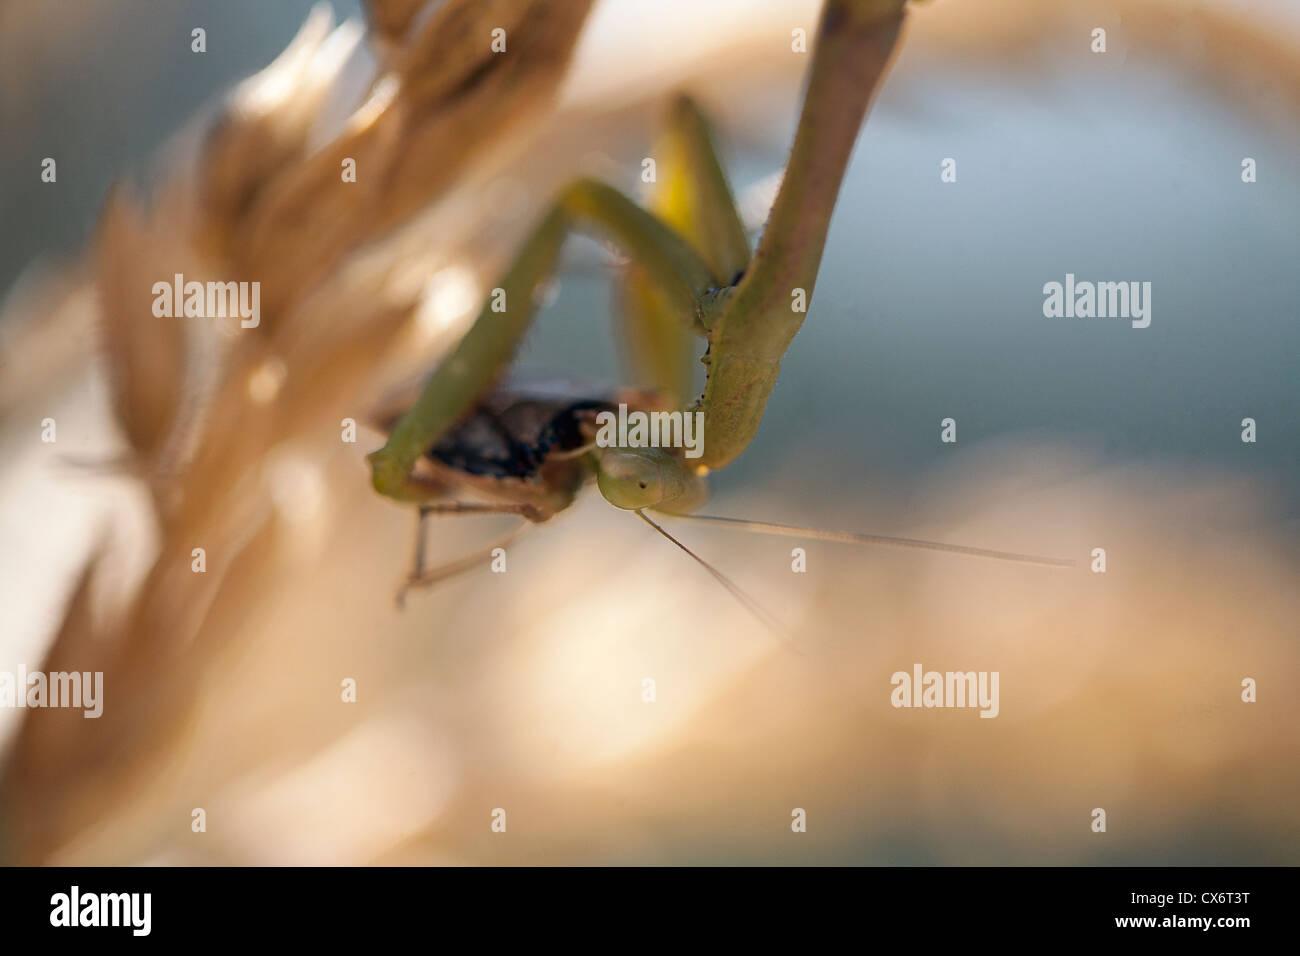 Praying / preying mantis eating a squash bug. - Stock Image